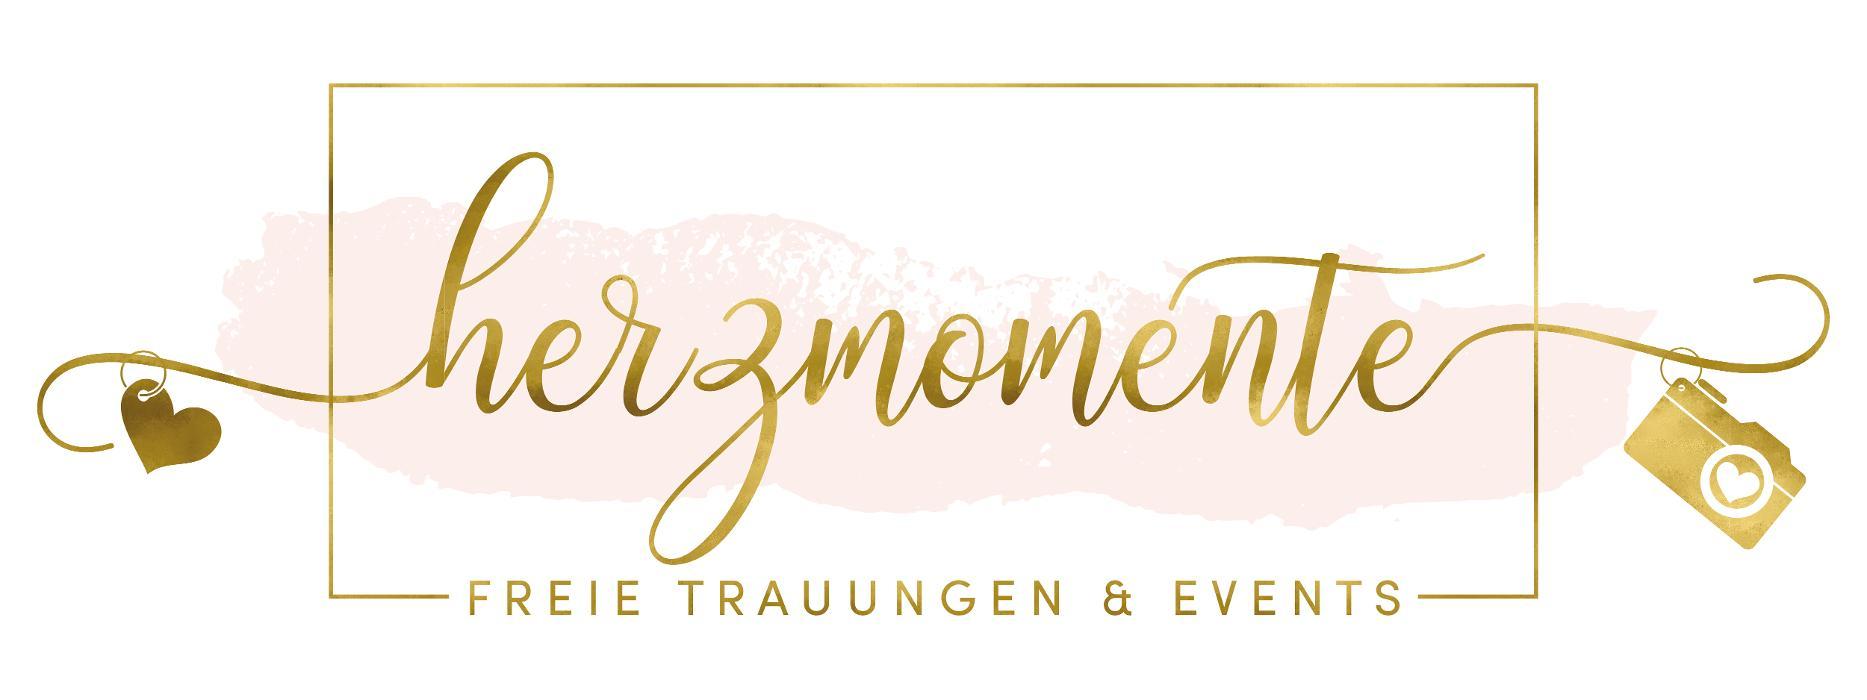 Bild zu HerzMomente Freie Trauungen & Events Kirstin & Andreas Schorr GbR in Bexbach